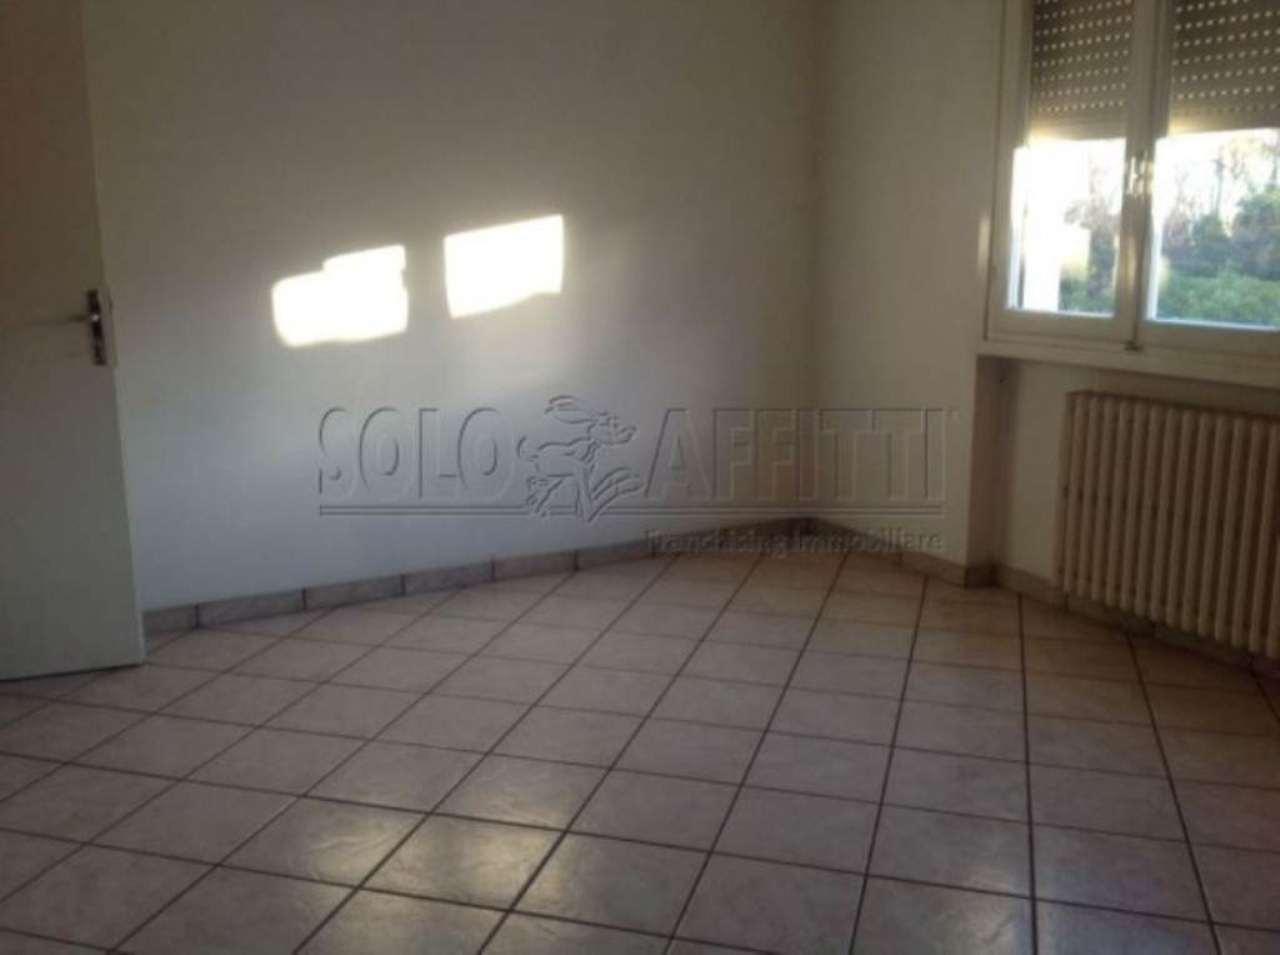 Appartamento in affitto a Pieve a Nievole, 3 locali, prezzo € 500   Cambio Casa.it